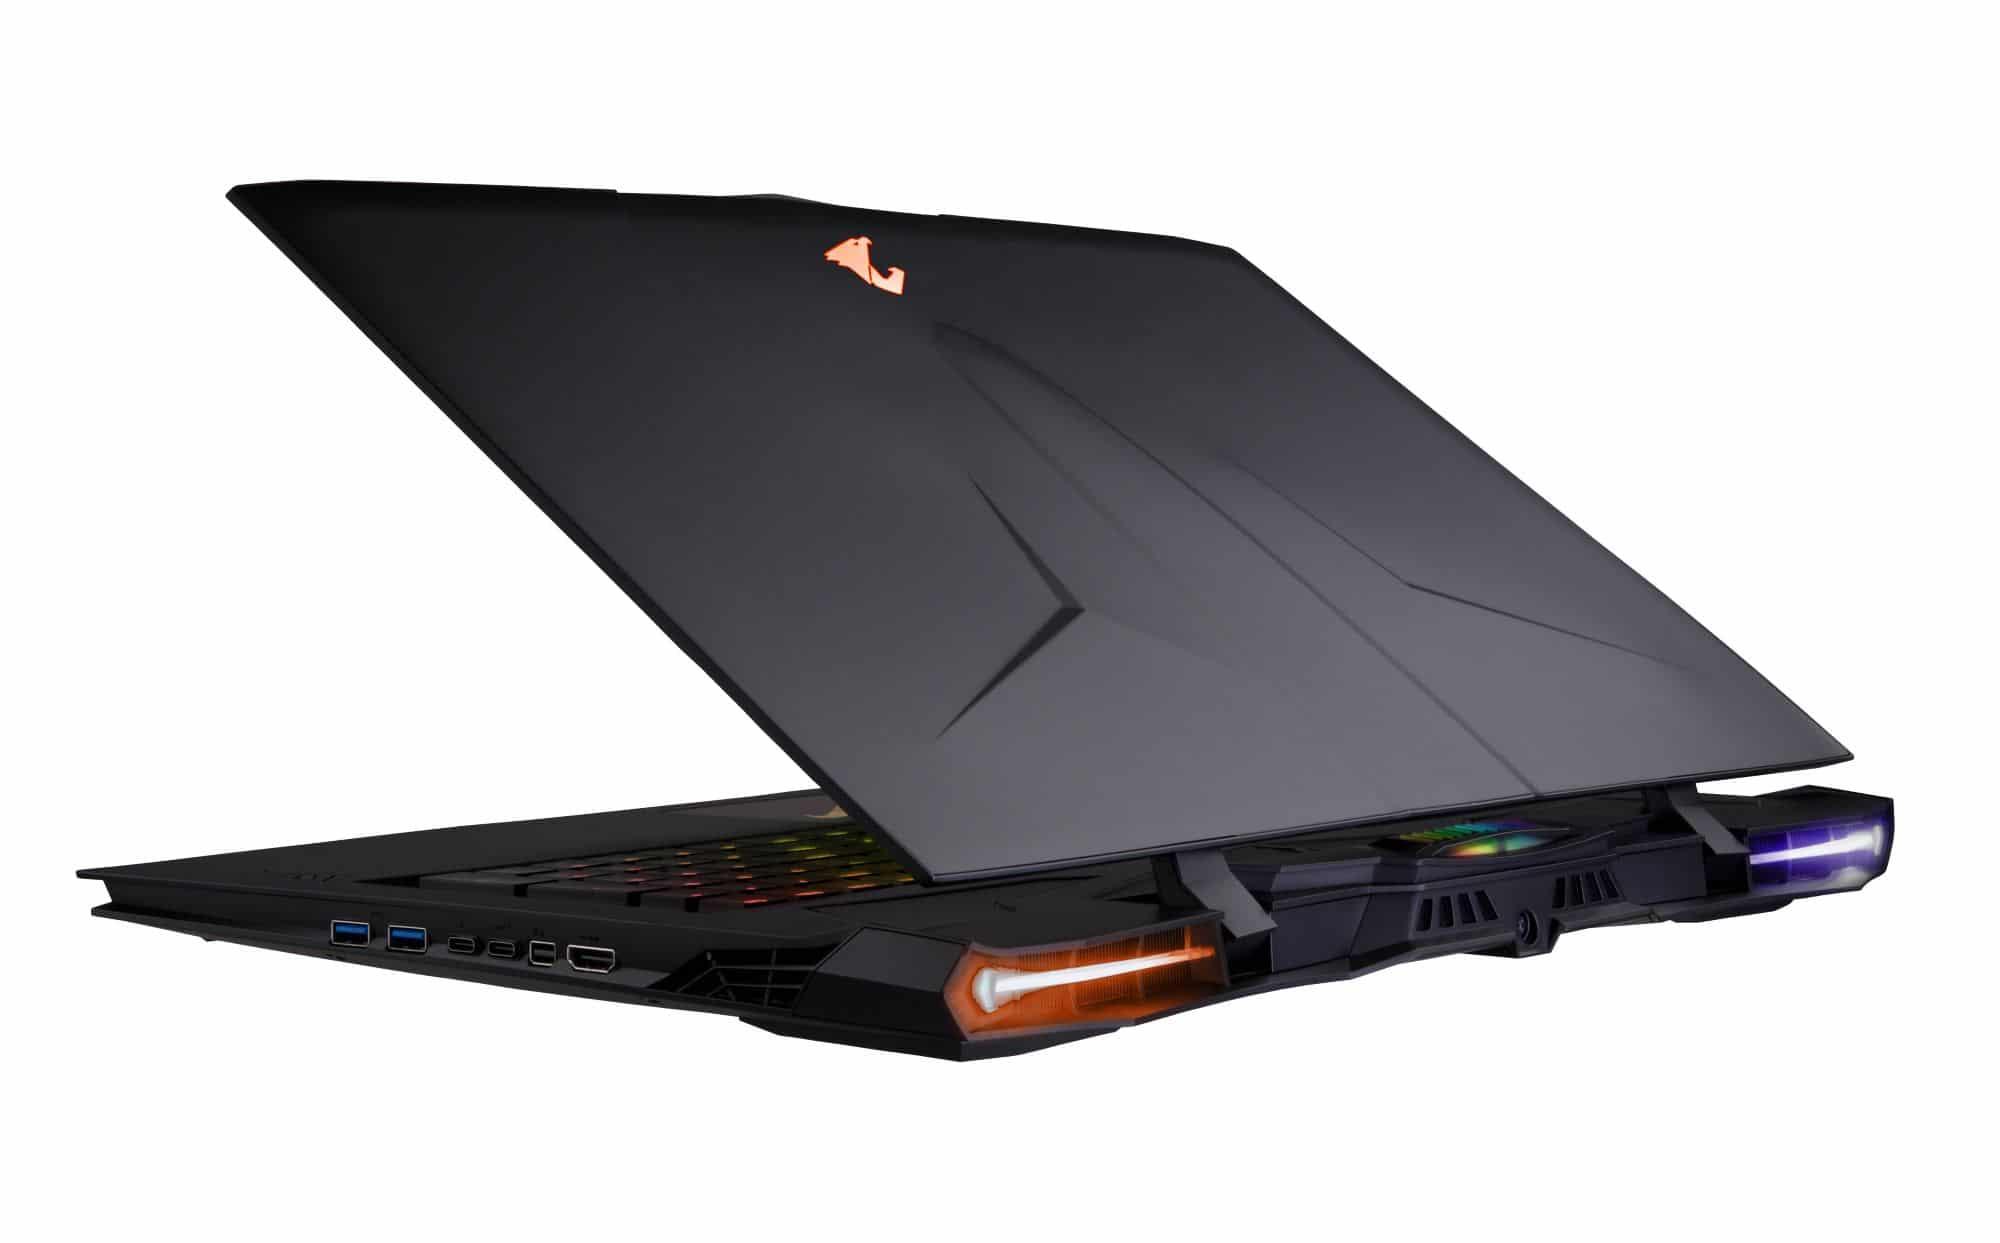 Aorus X9, nouveau PC portable gamer 17 pouces IPS SLI GTX 1070 Quad i7 HK